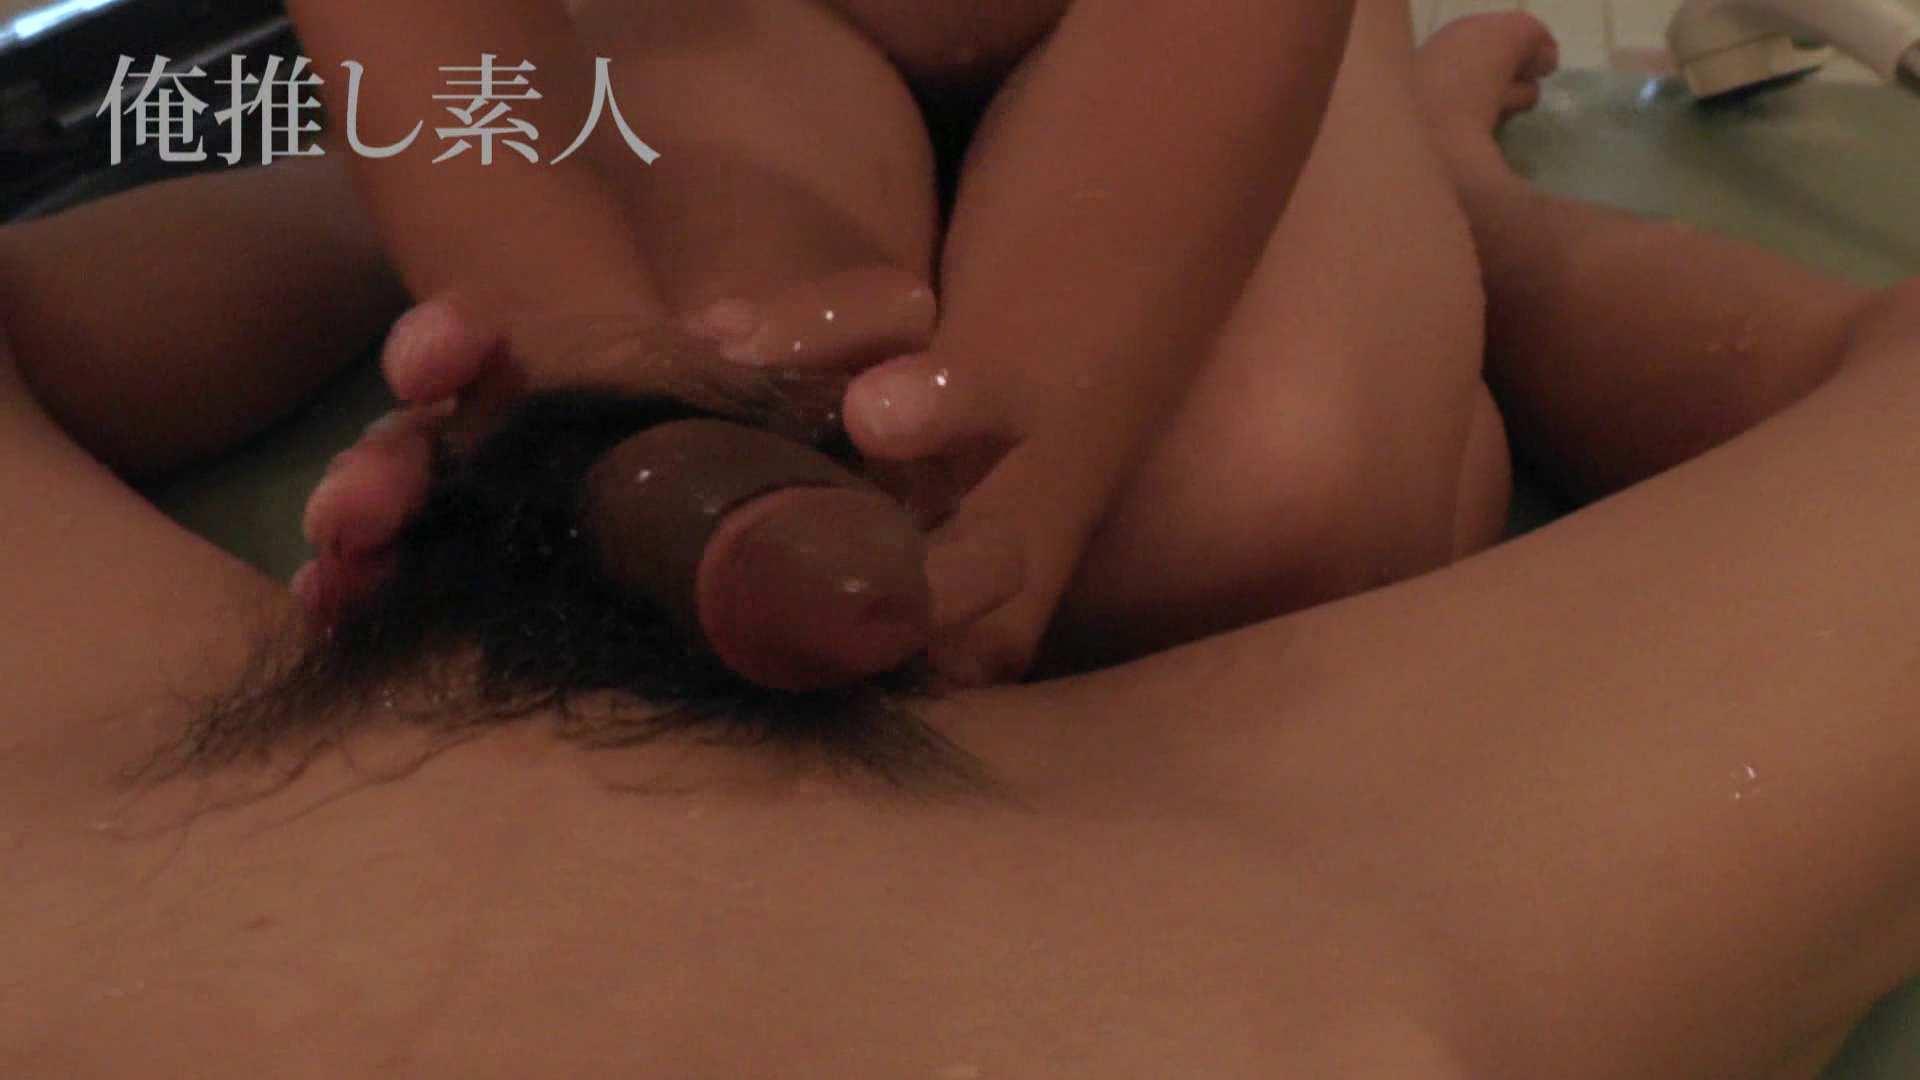 俺推し素人 30代人妻熟女キャバ嬢雫Vol.02 人妻 | キャバ嬢  65PIX 31